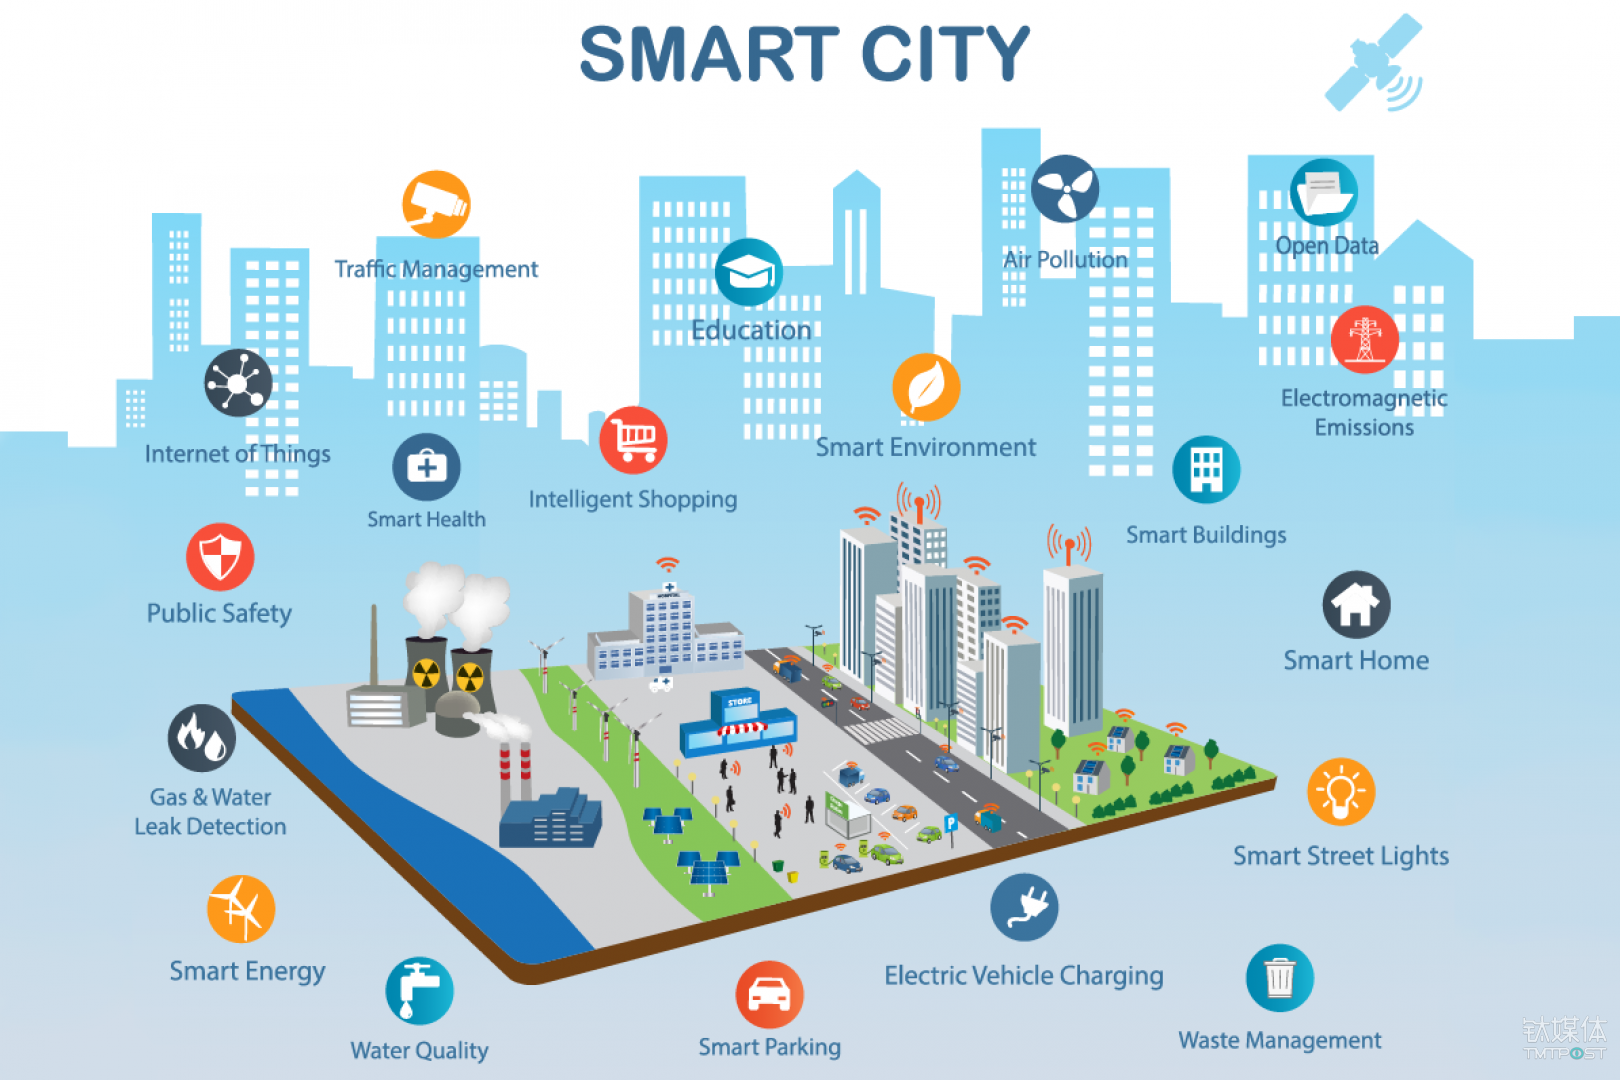 (网经社讯)跨场景的科技落地能力和数据积累,是平安建设智慧城市独到的优势。  智慧城市 在深圳,越来越多的市民开始使用平安智慧生活打造的App,市民不仅可以通过App 获得城市资讯,还能预约服务,查询交通,保障性住房等等。这种便捷的方式,完全改变了之前市民获取服务或者于政府职能部门打交道时复杂繁琐的体验,真正意义上地做到了让市民足不出户就可享受到方便快捷、统一规范、优质高效的政务服务。 这款APP都是基于平安集团的一卡一机一账户支撑平台来开发的,背后都是大数据和人工智能这些最新的高科技在发挥重要的作用。